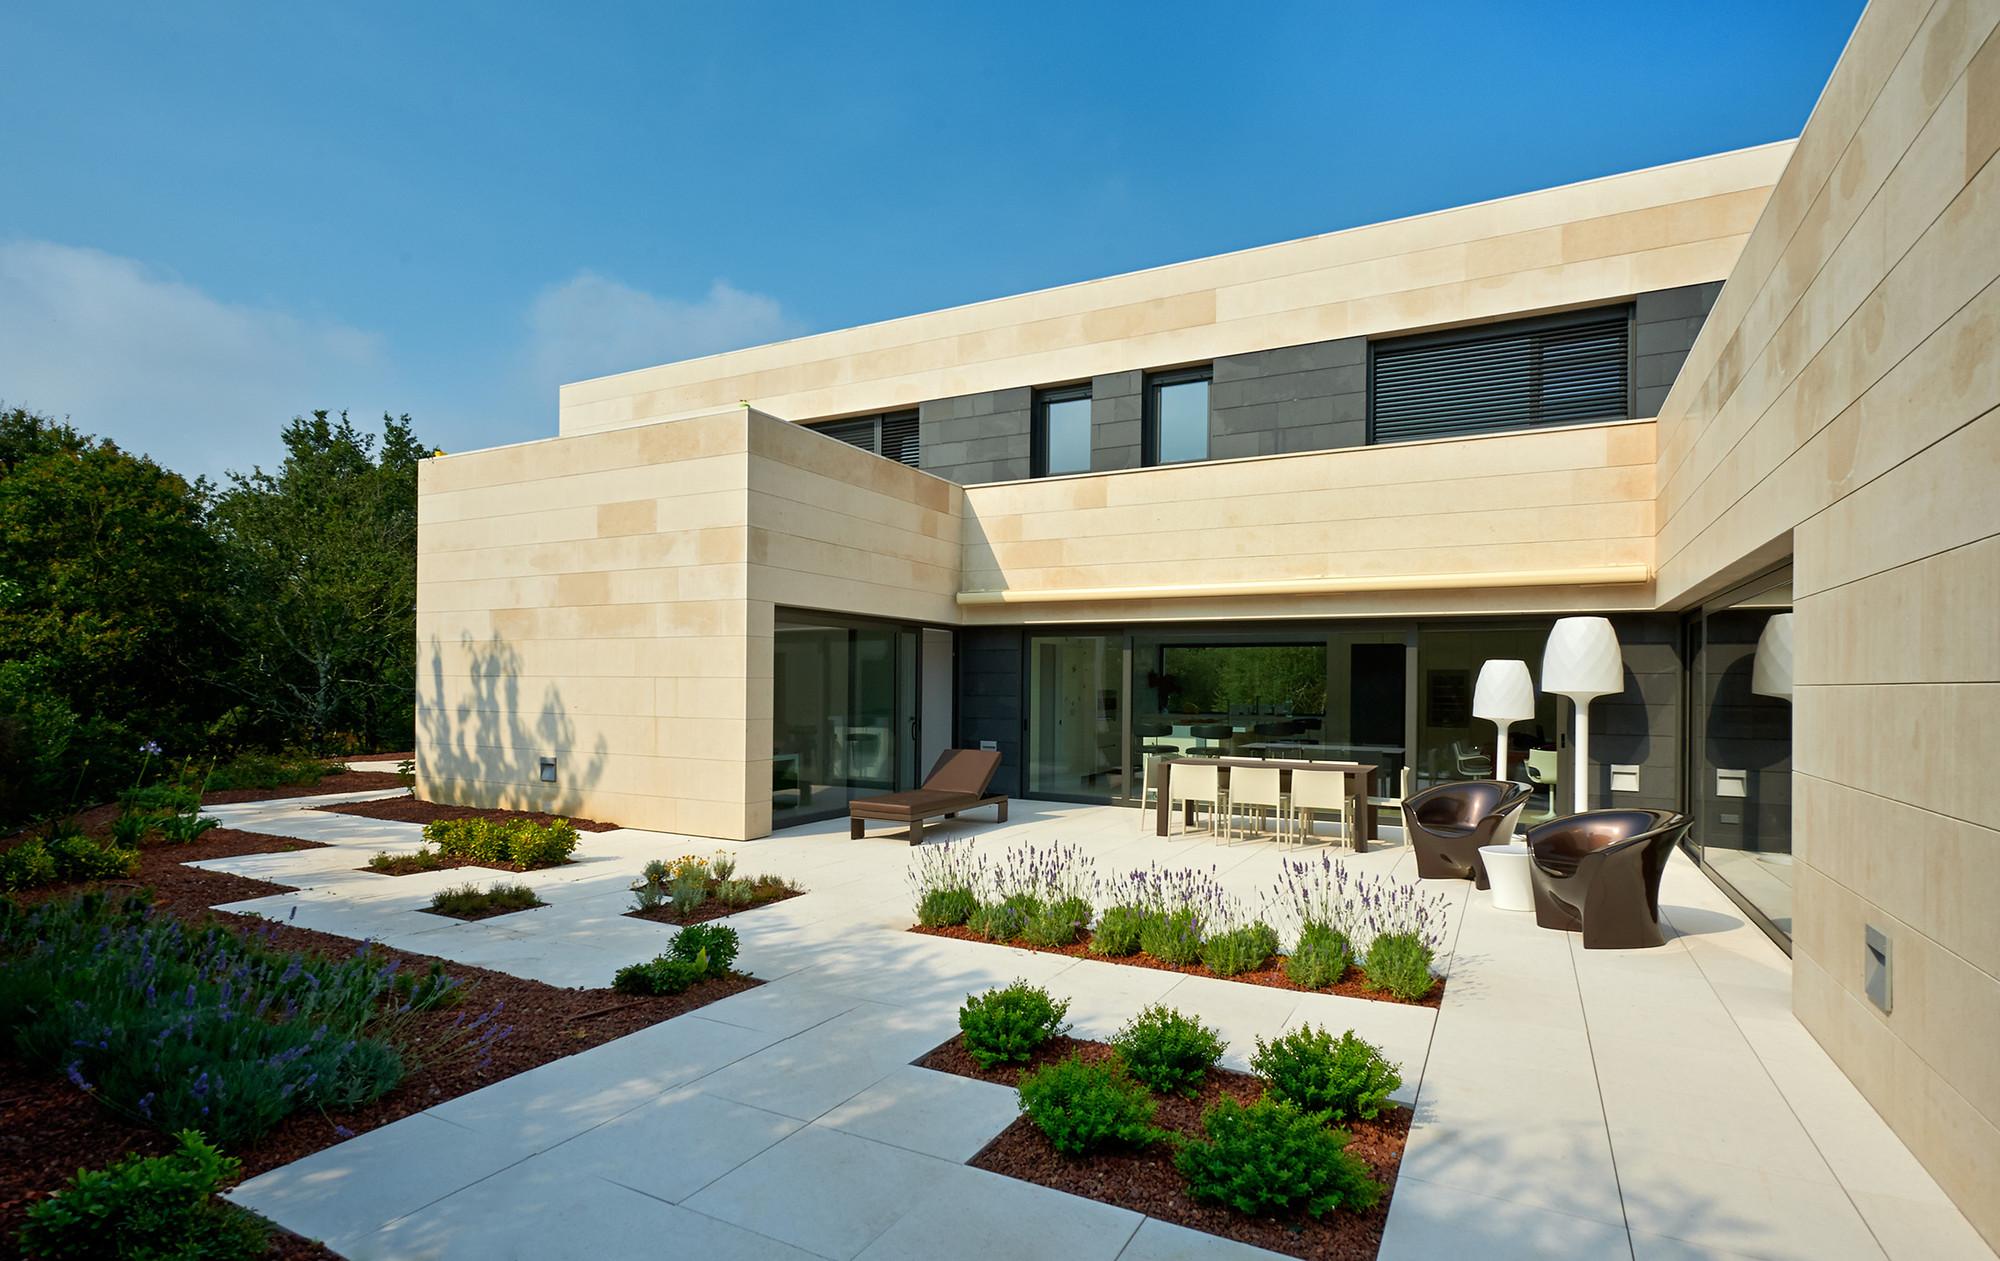 Galeria de casa em la bilban a foraster arquitectos 3 - Foraster arquitectos ...